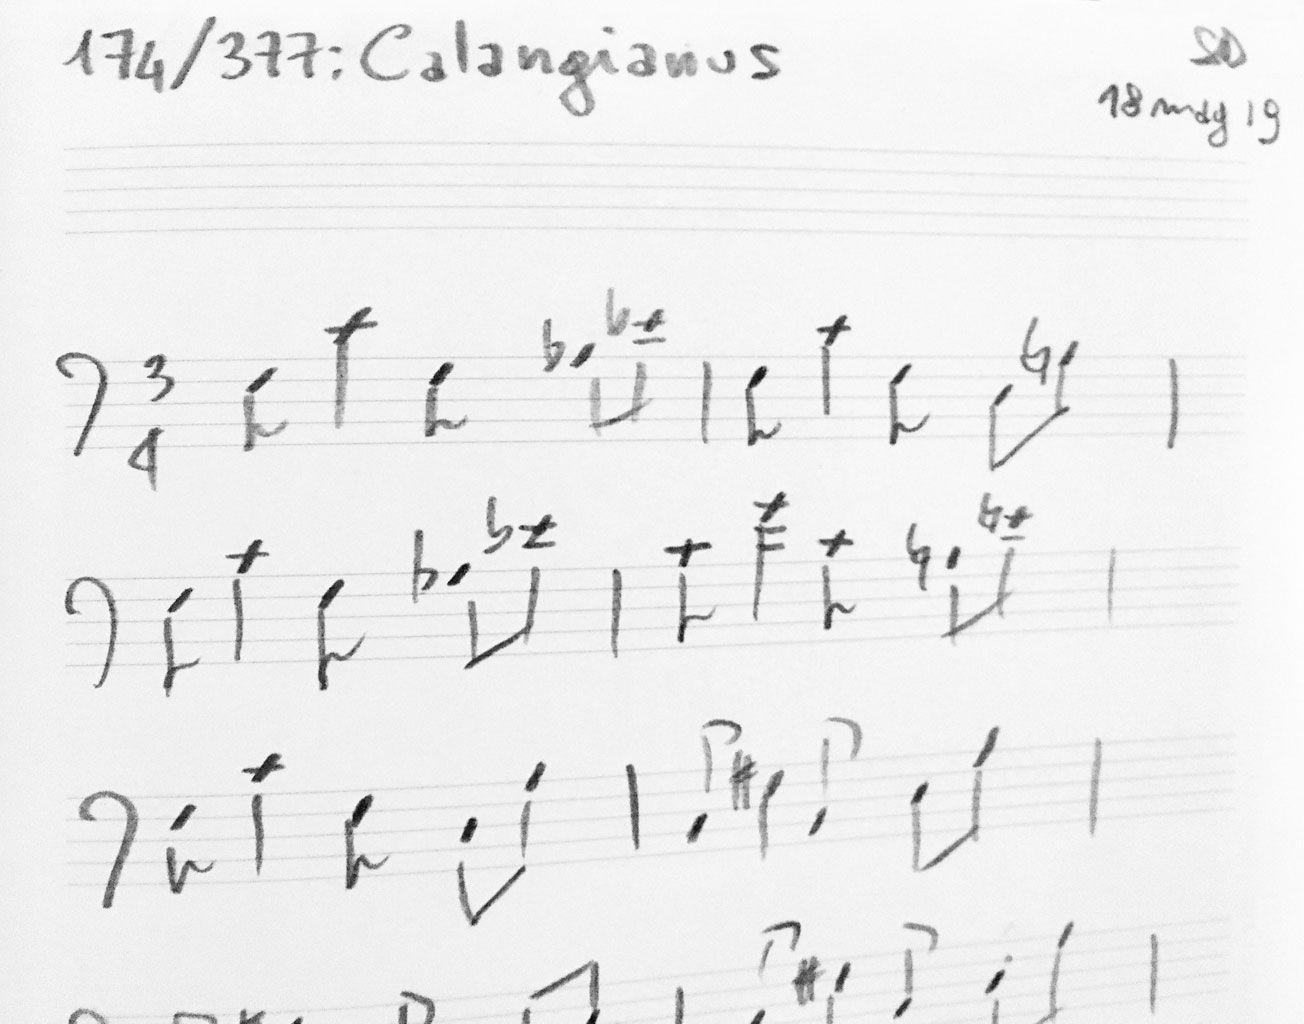 174-Calangianus-score